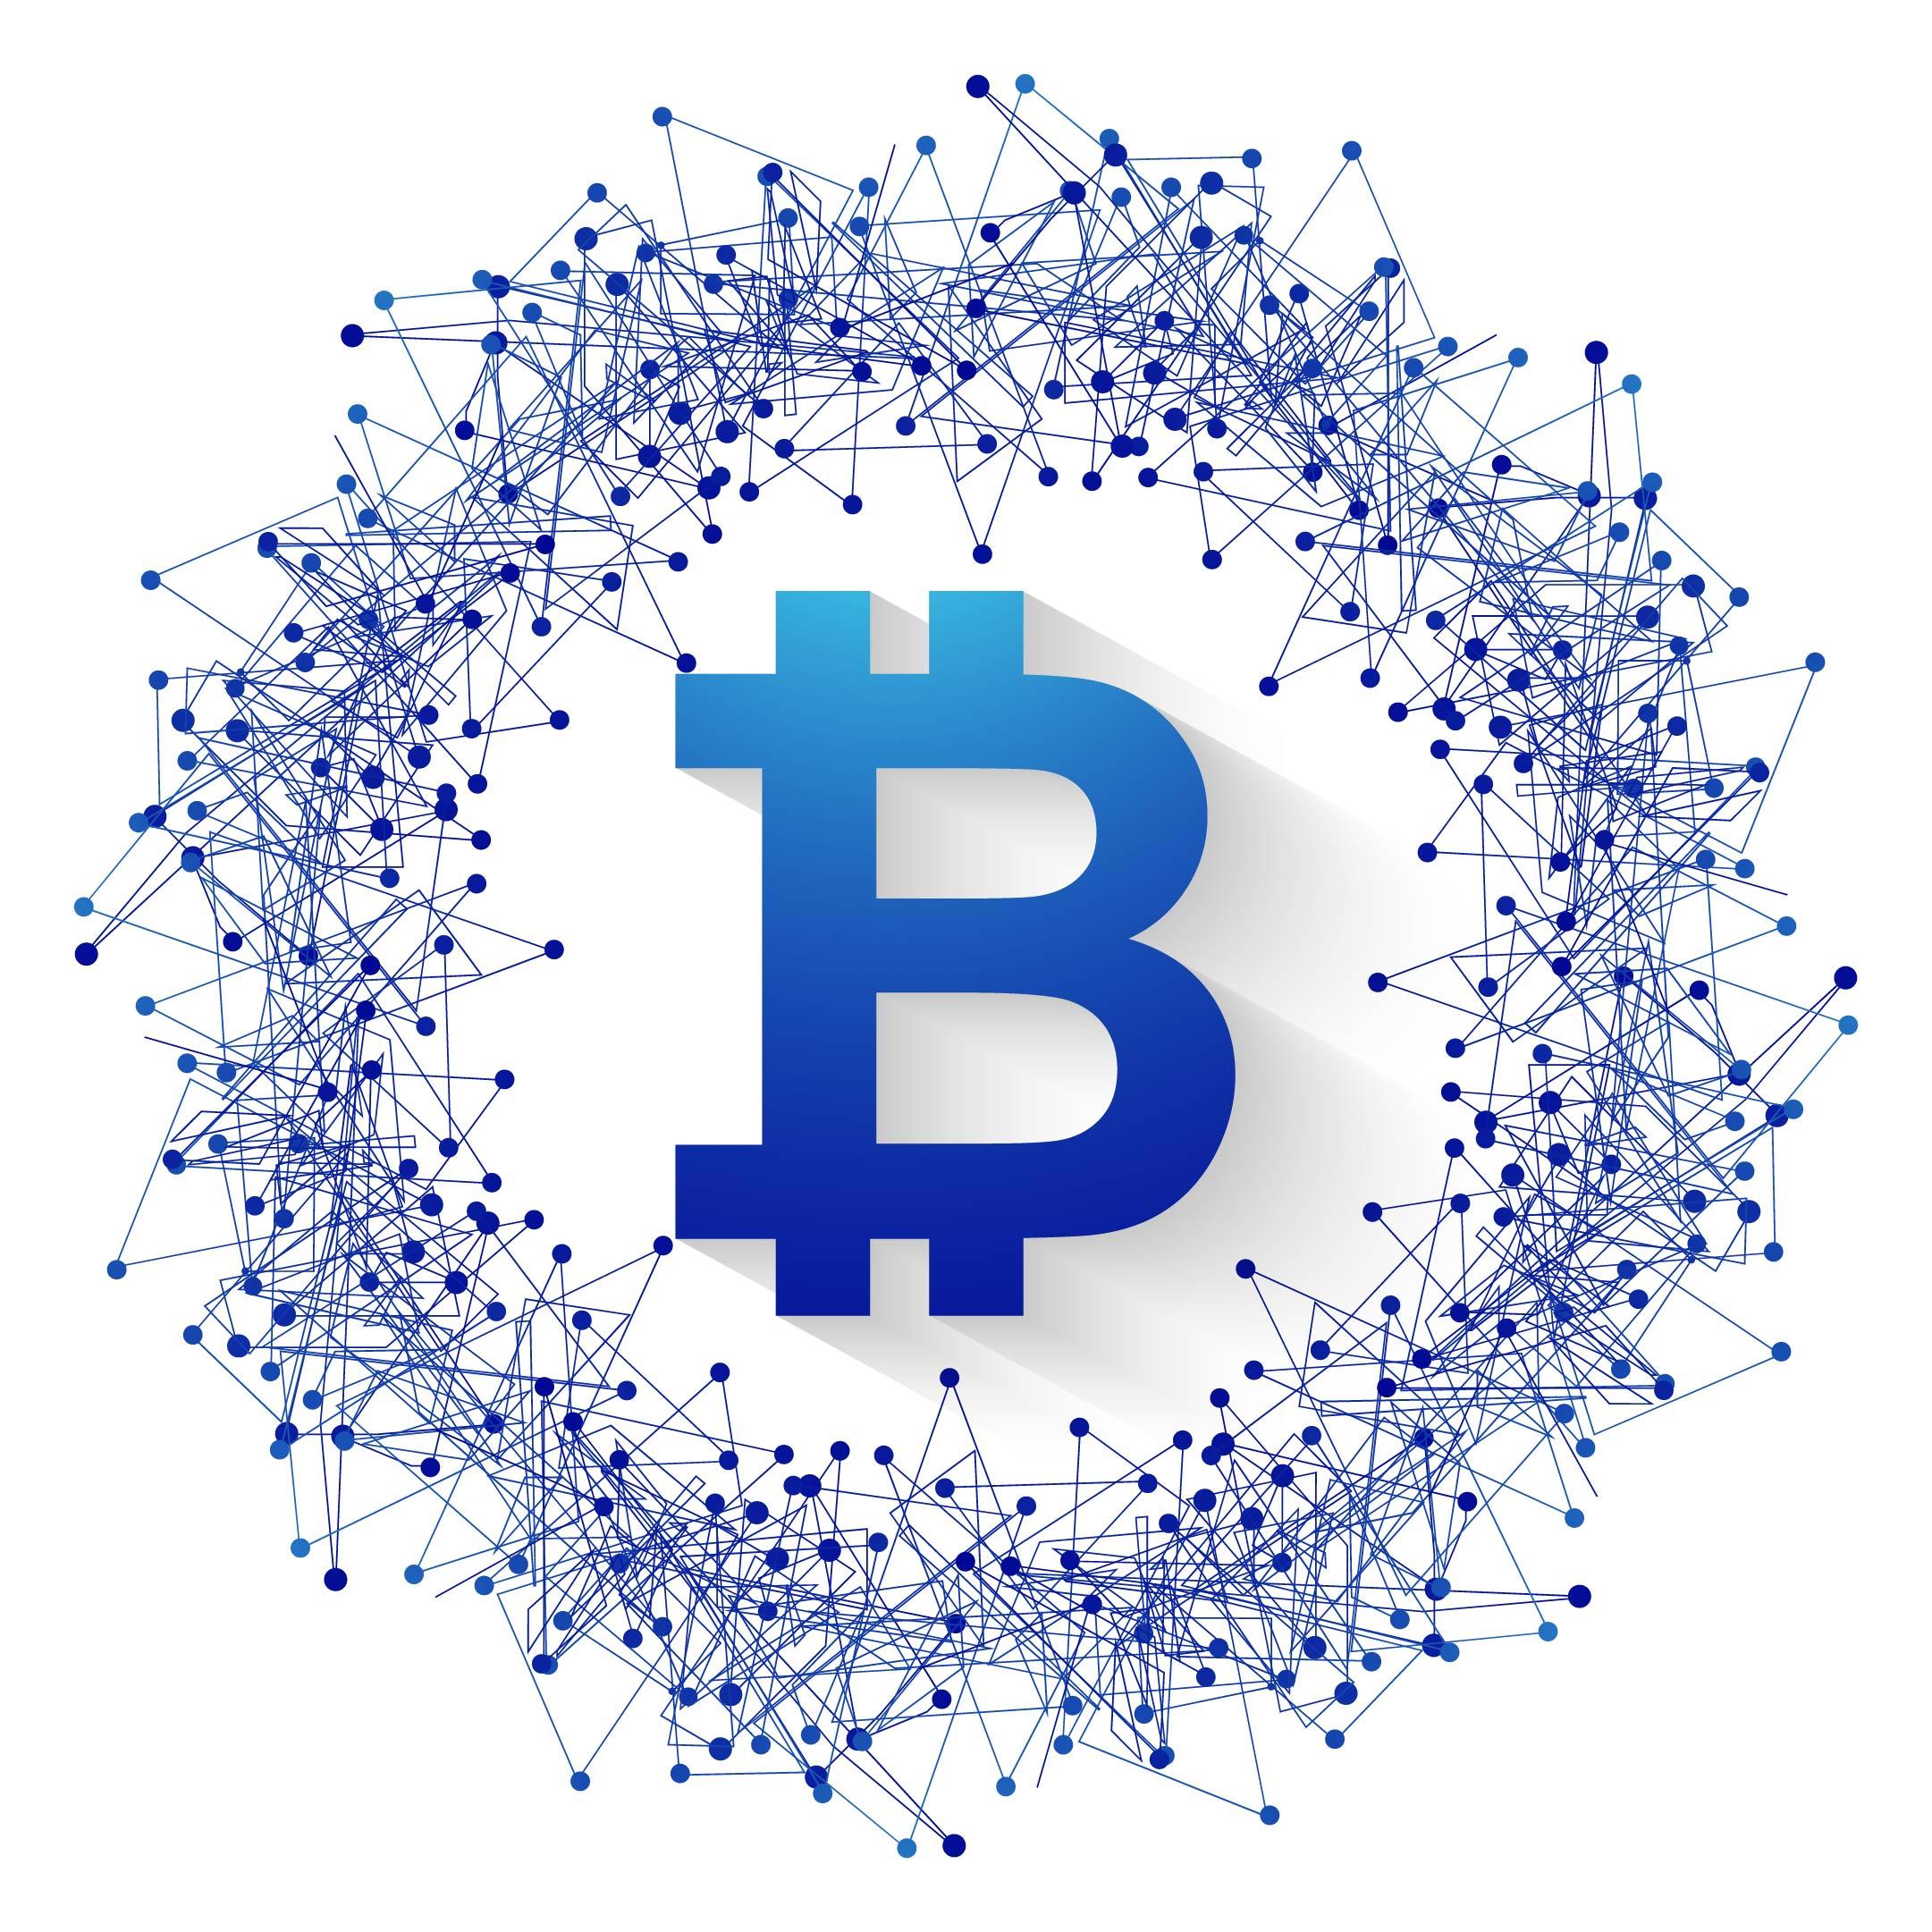 Obrázek: Blockchain: revoluční technologie, která spolu s Bitcoinem může změnit svět